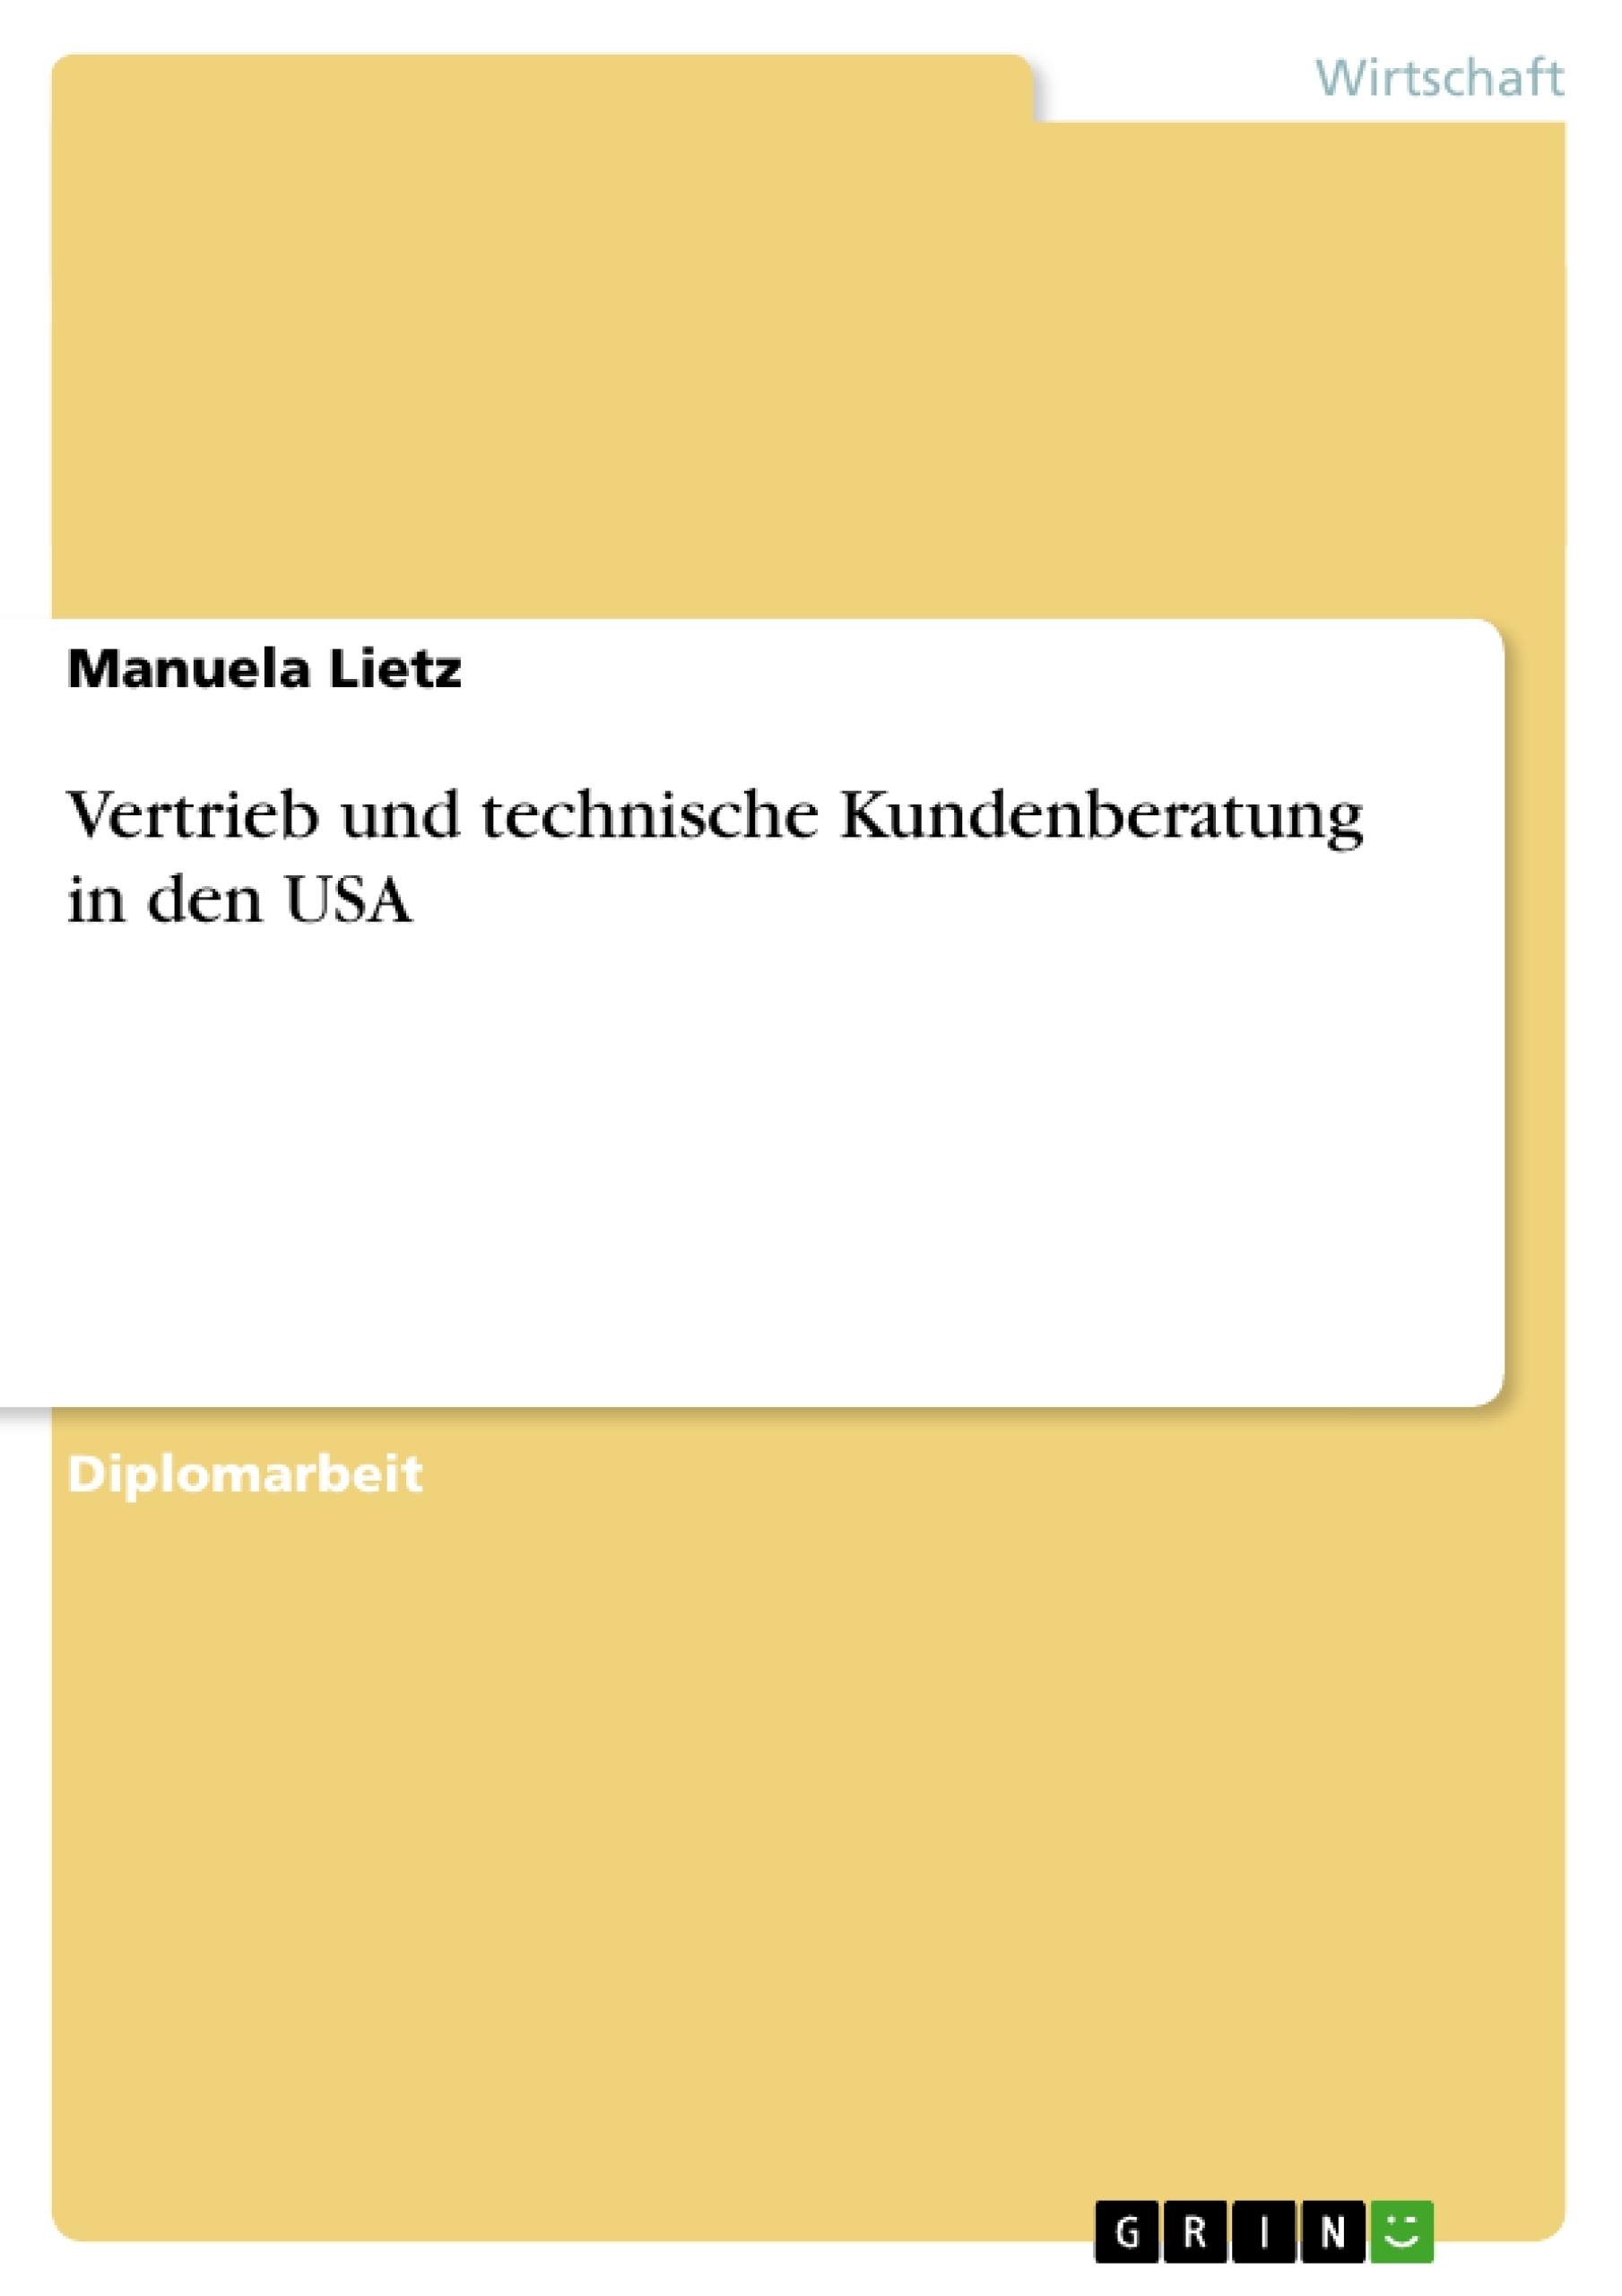 Titel: Vertrieb und technische Kundenberatung in den USA